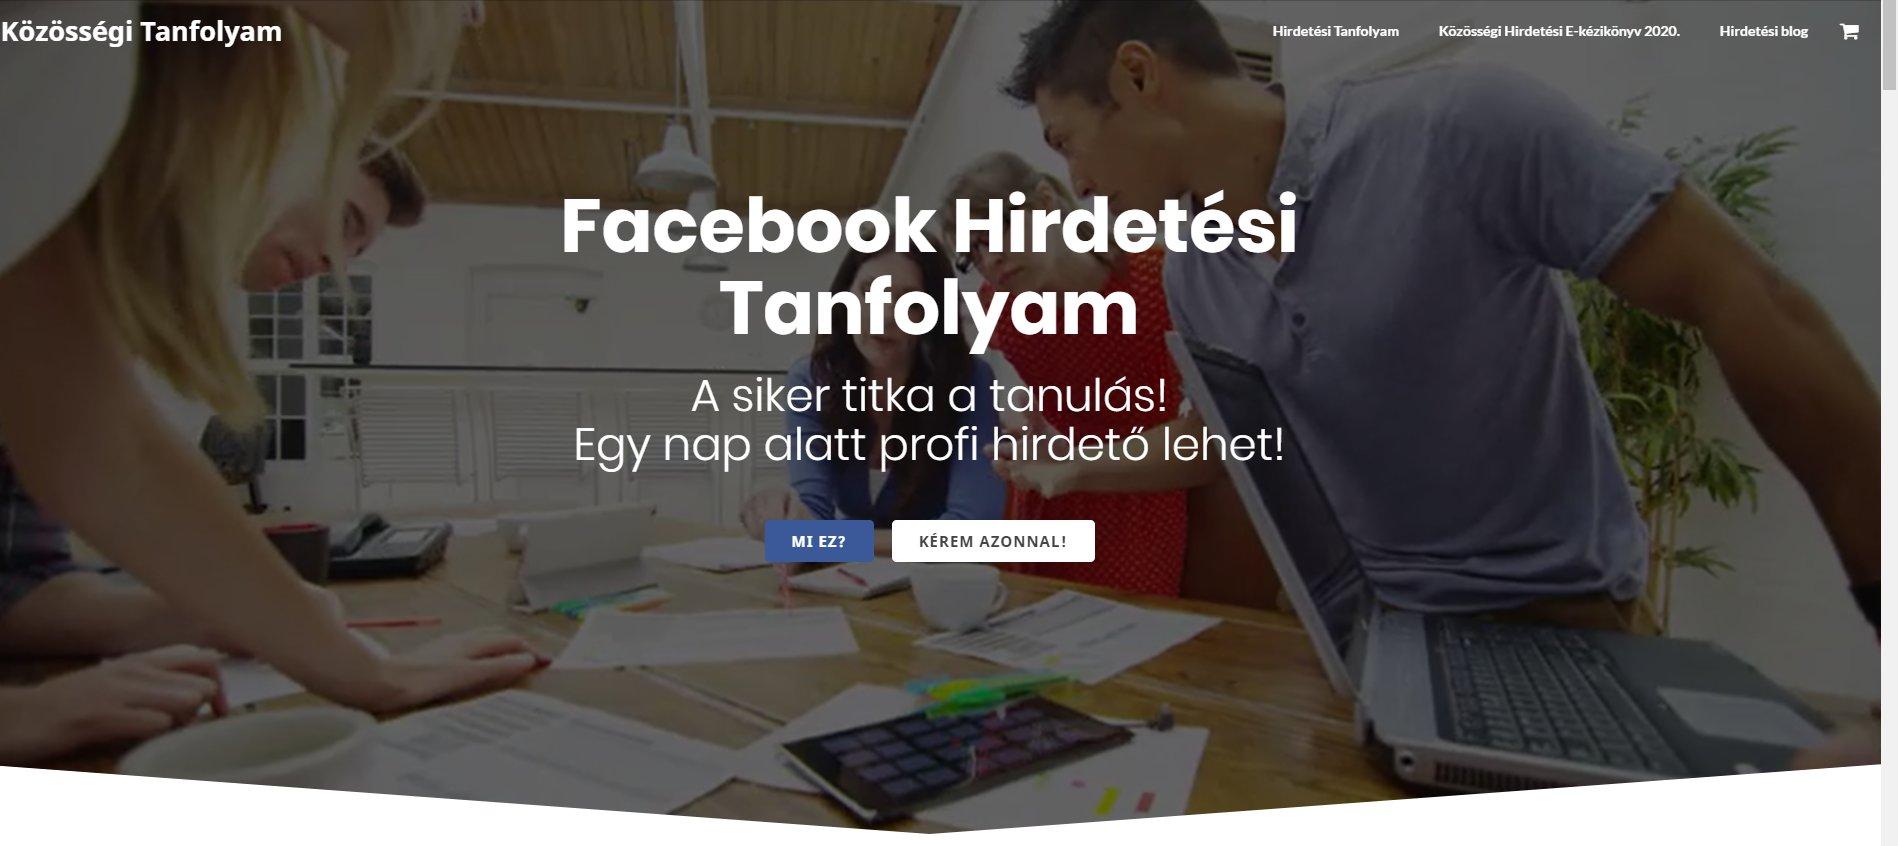 Facebook hirdetés tanfolyam